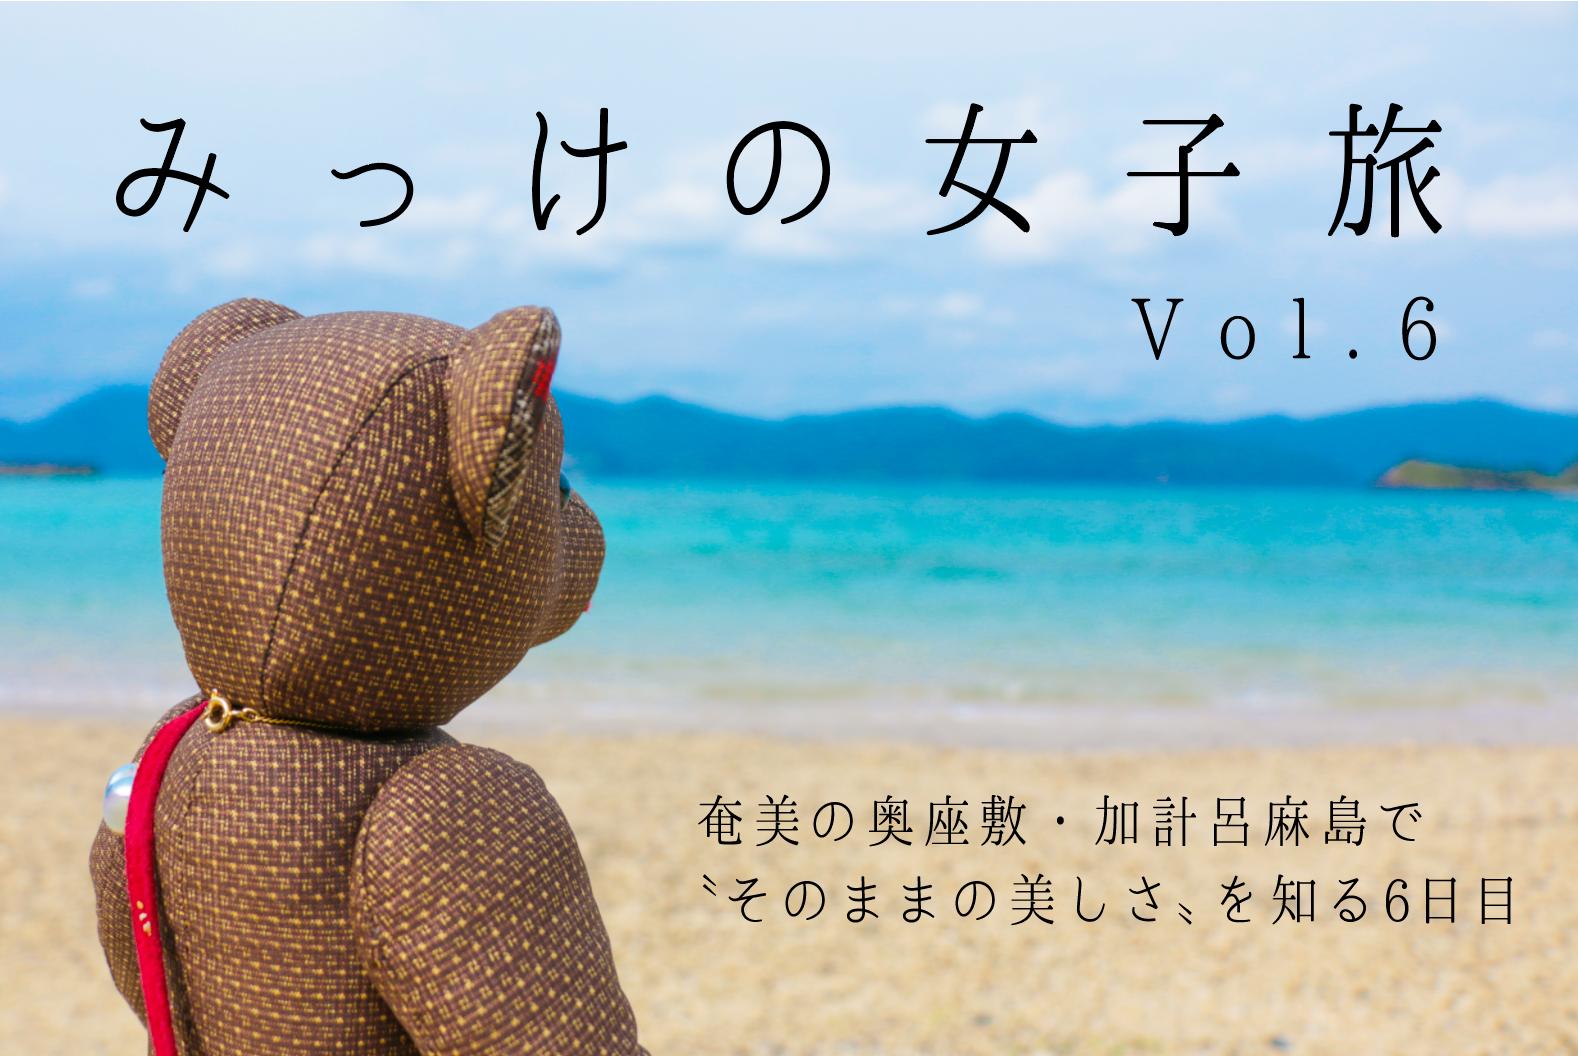 みっけの女子旅vol.6タイトル